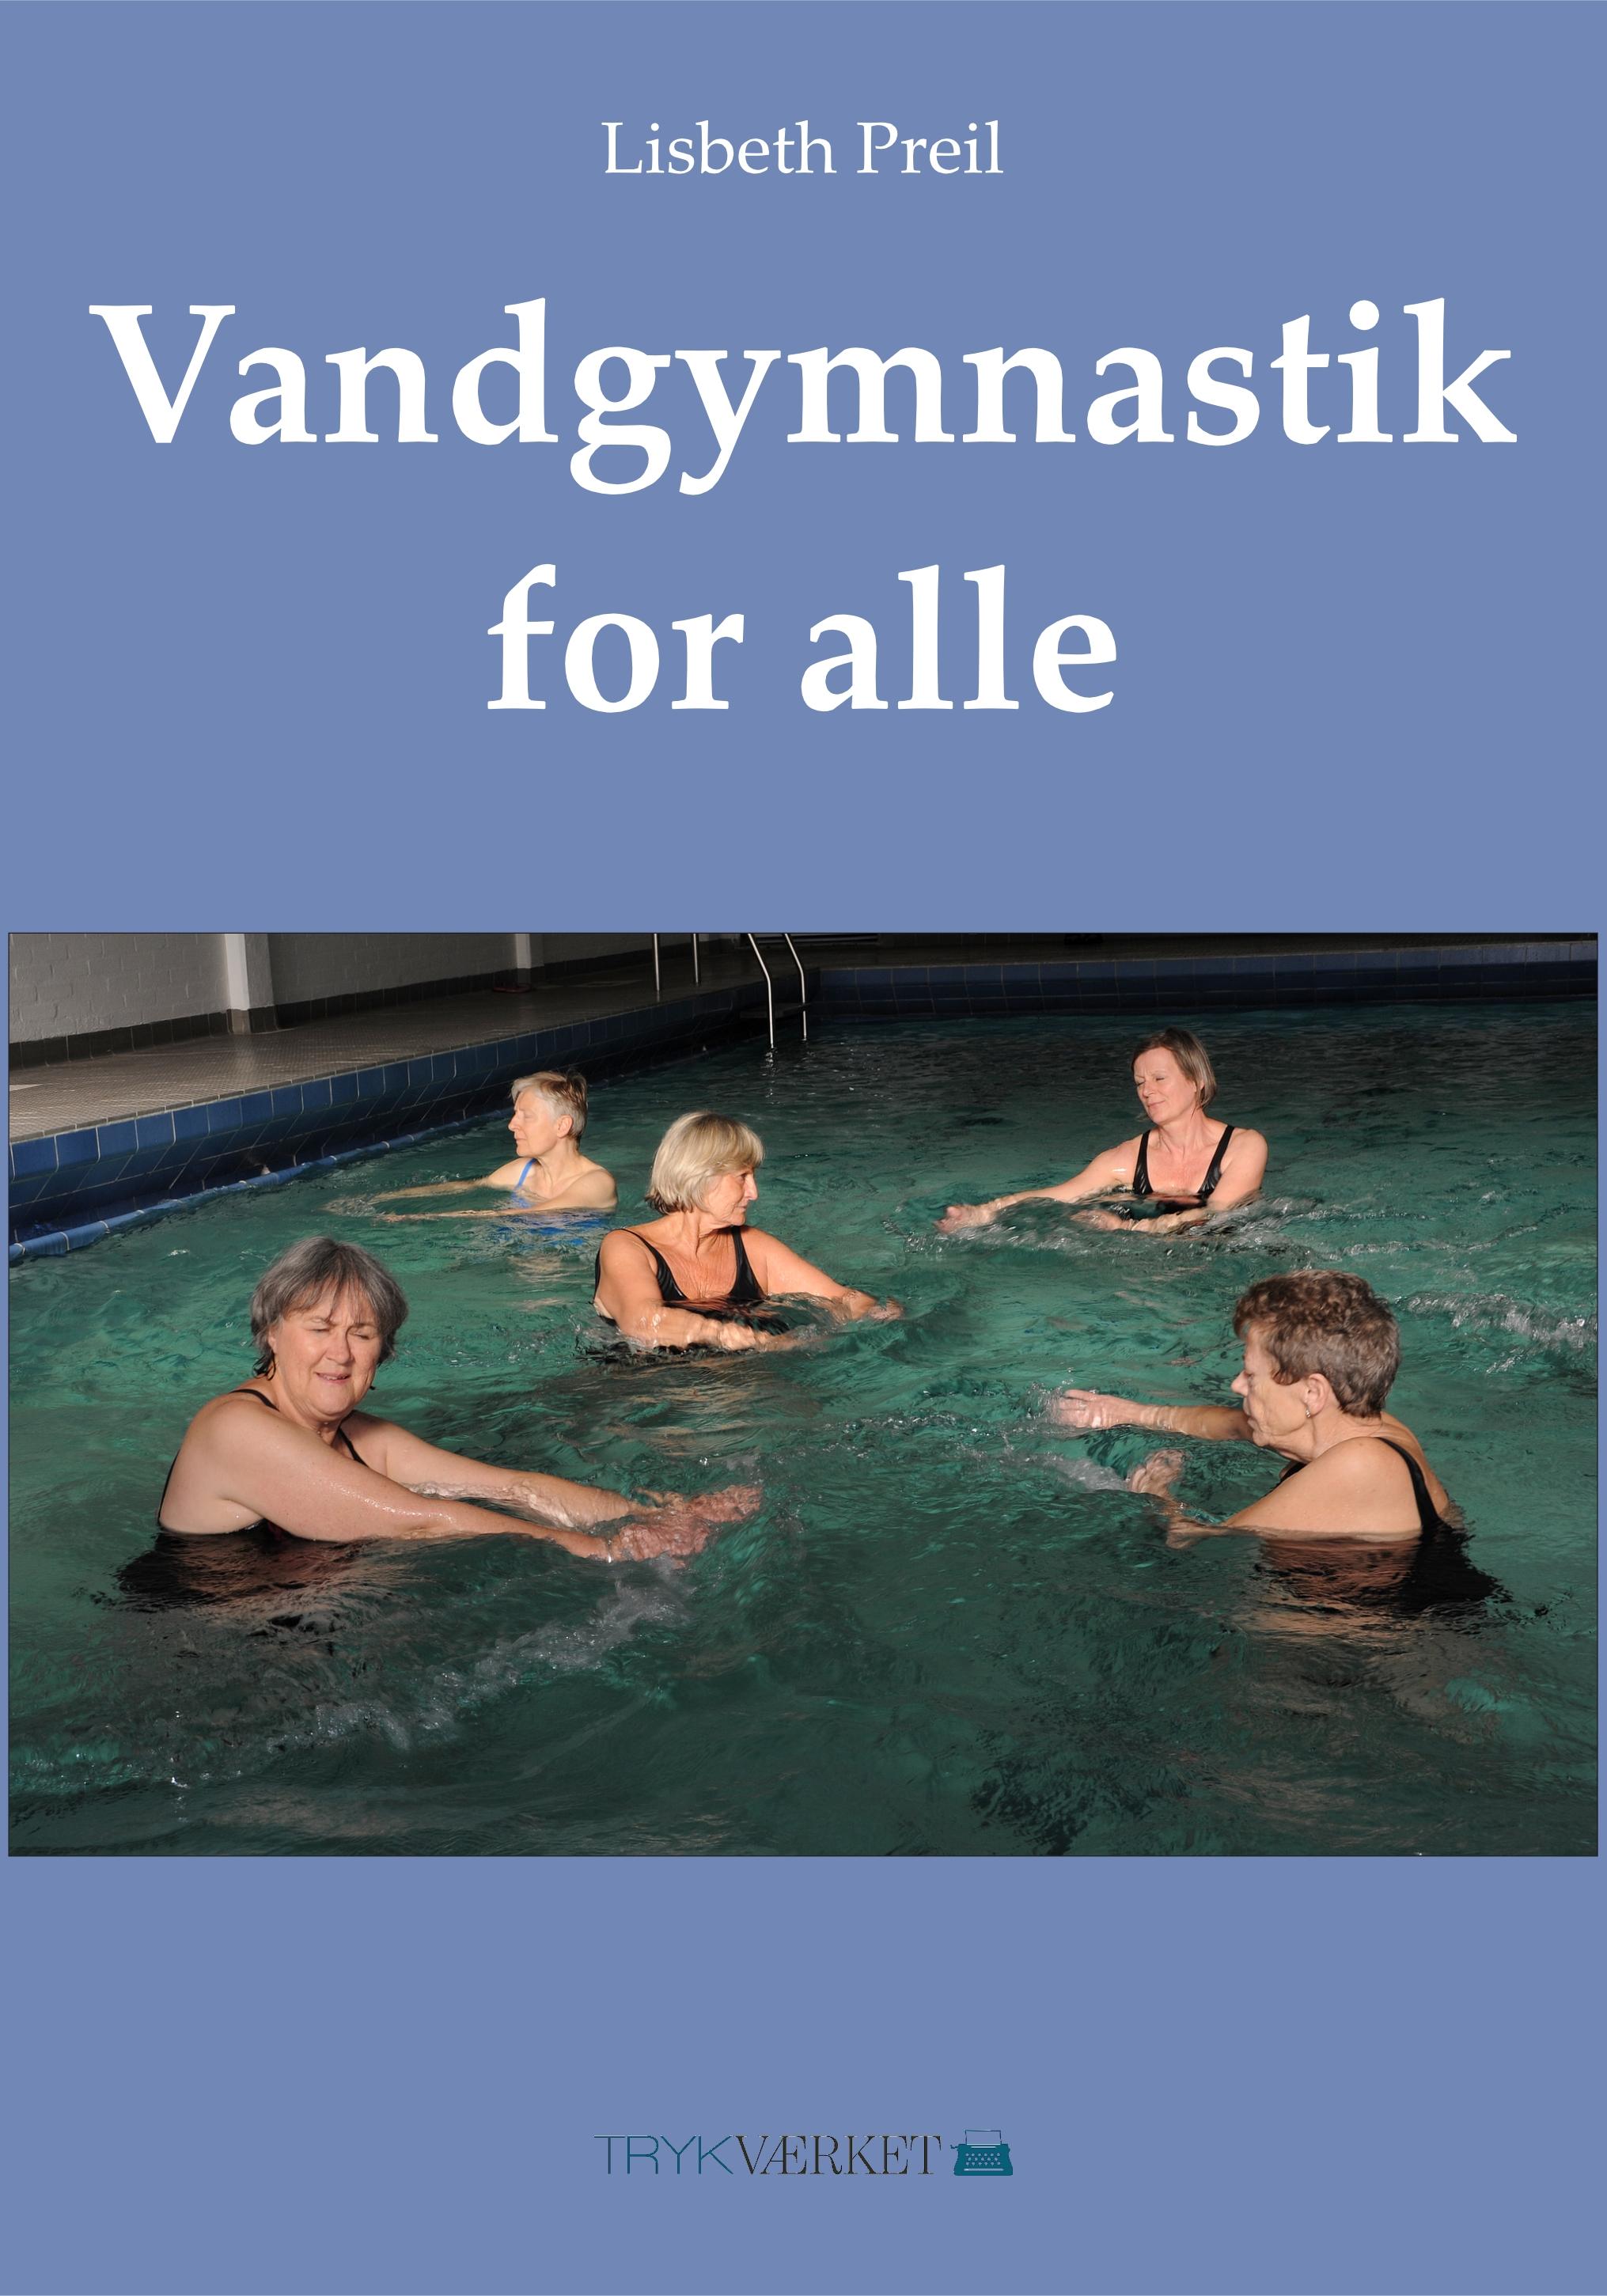 Vandgymnastik for alle